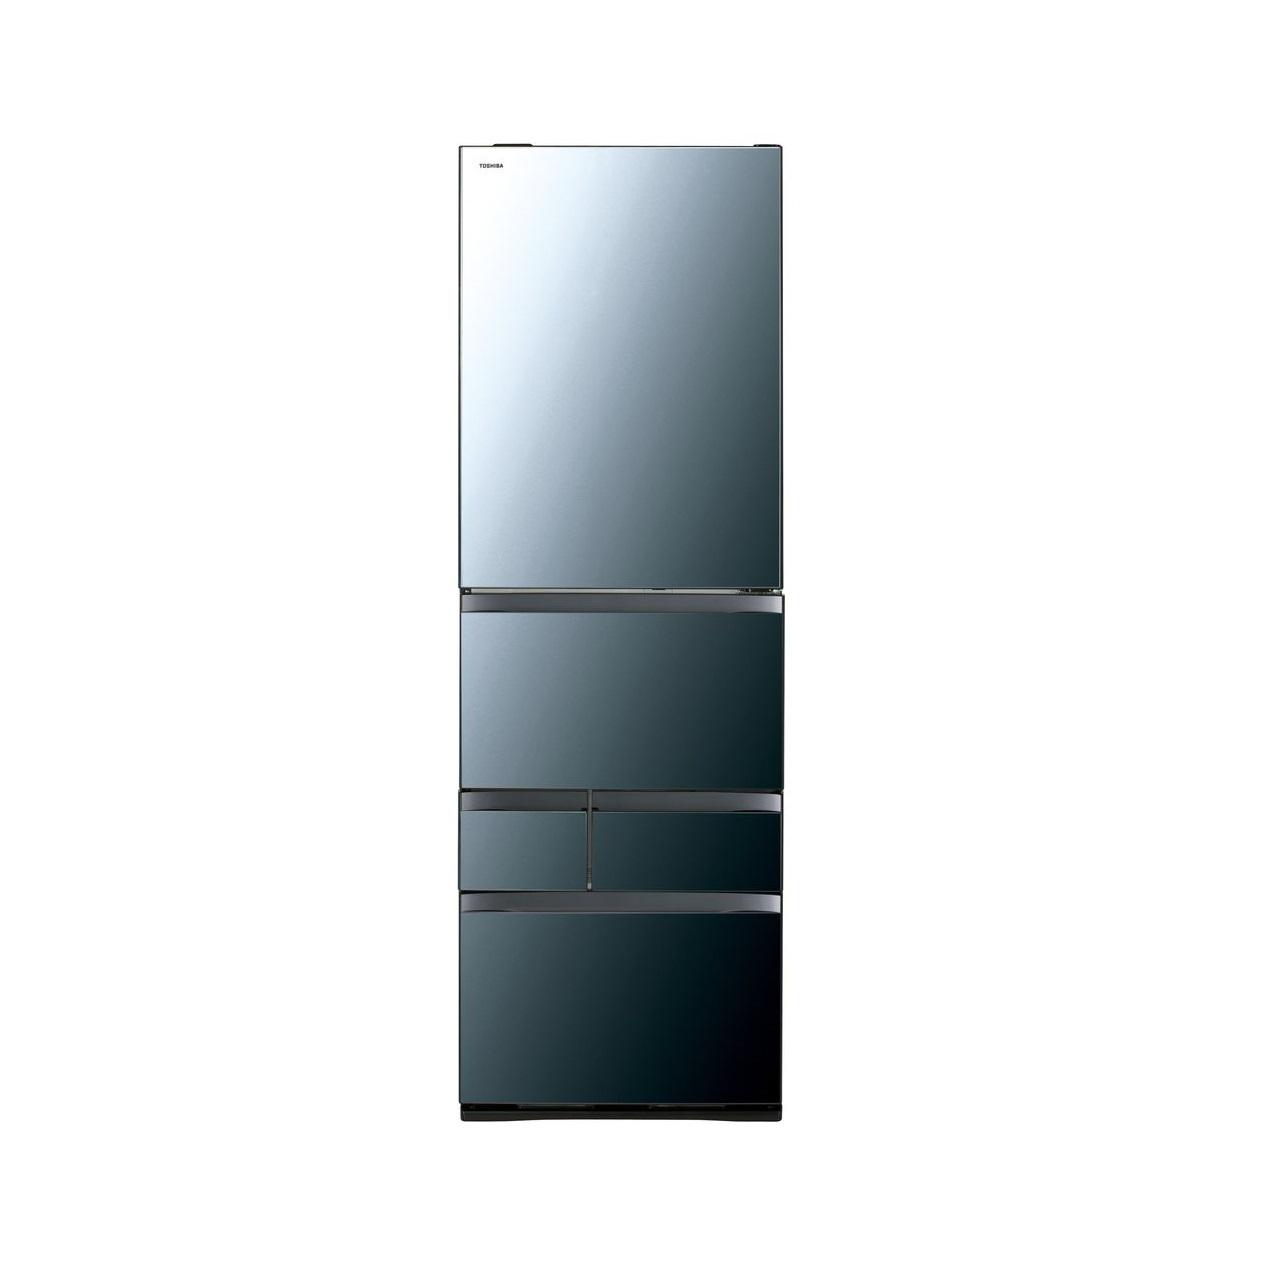 東芝べジータGR-R500GW冷蔵庫